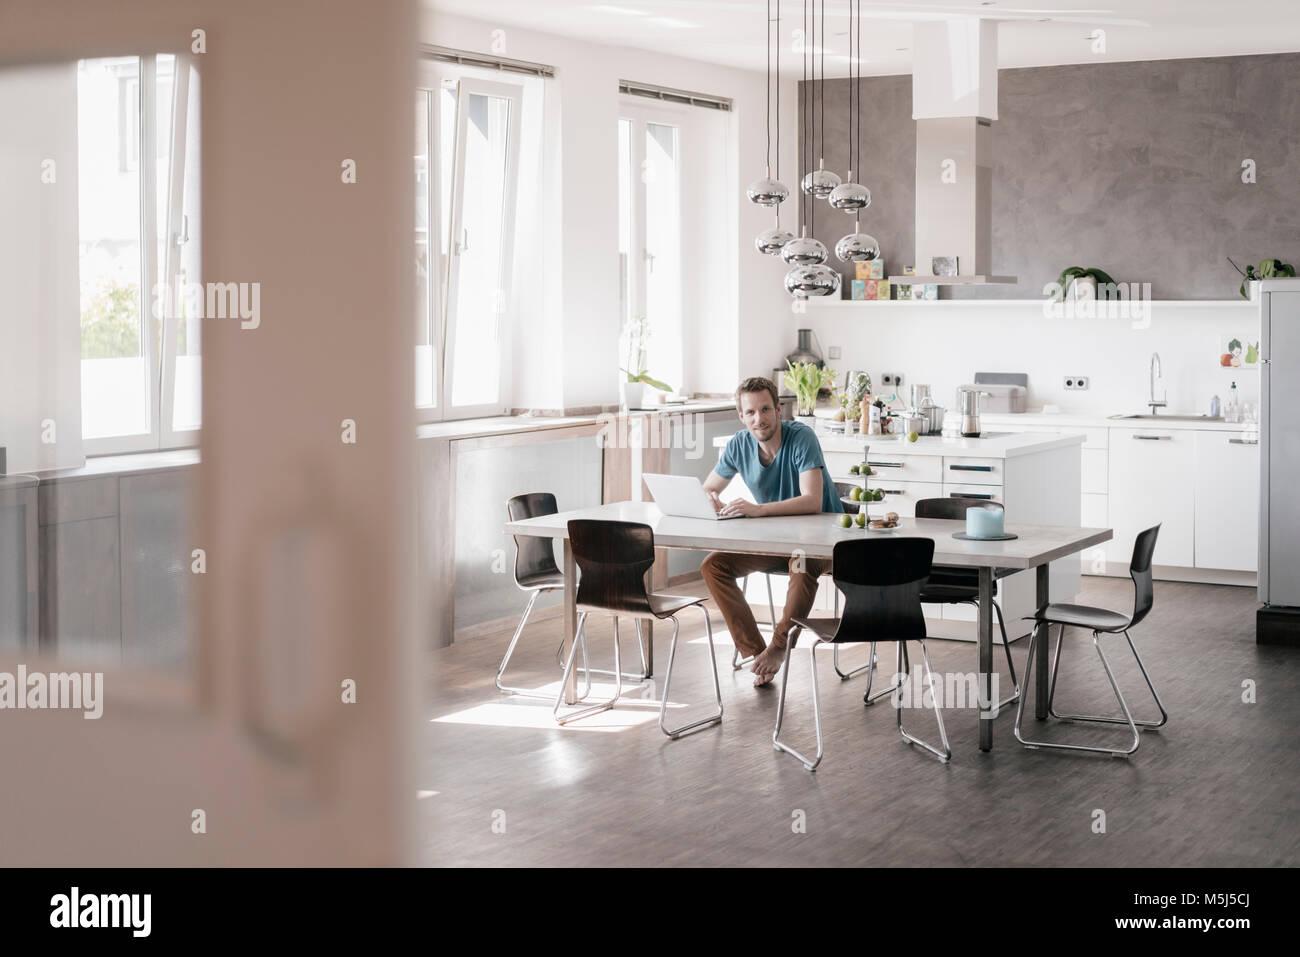 Uomo seduto al tavolo in cucina a lavorare sul computer ...